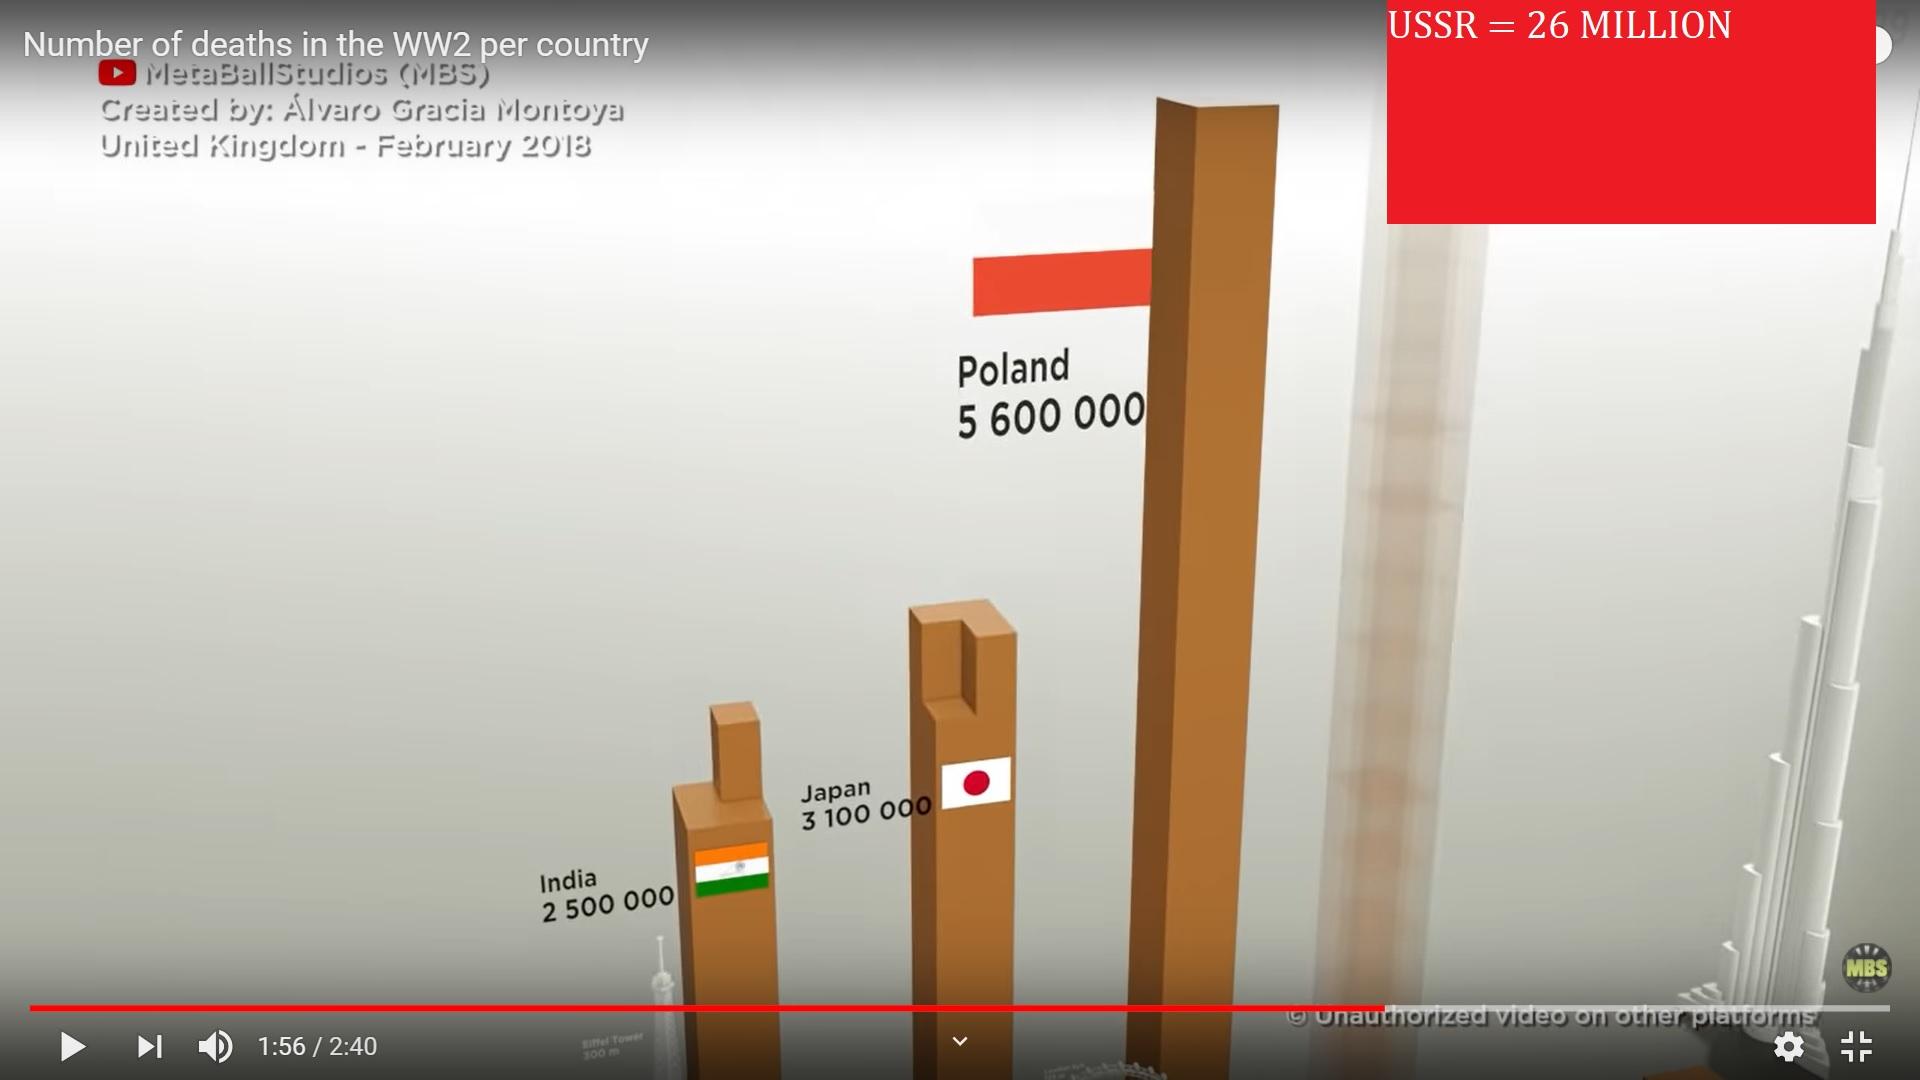 WORLD WAR 2 DEATHS USSR = 26 MLILLION POLAND = 5.6 MILLION INDIA = 2.5 MILLION